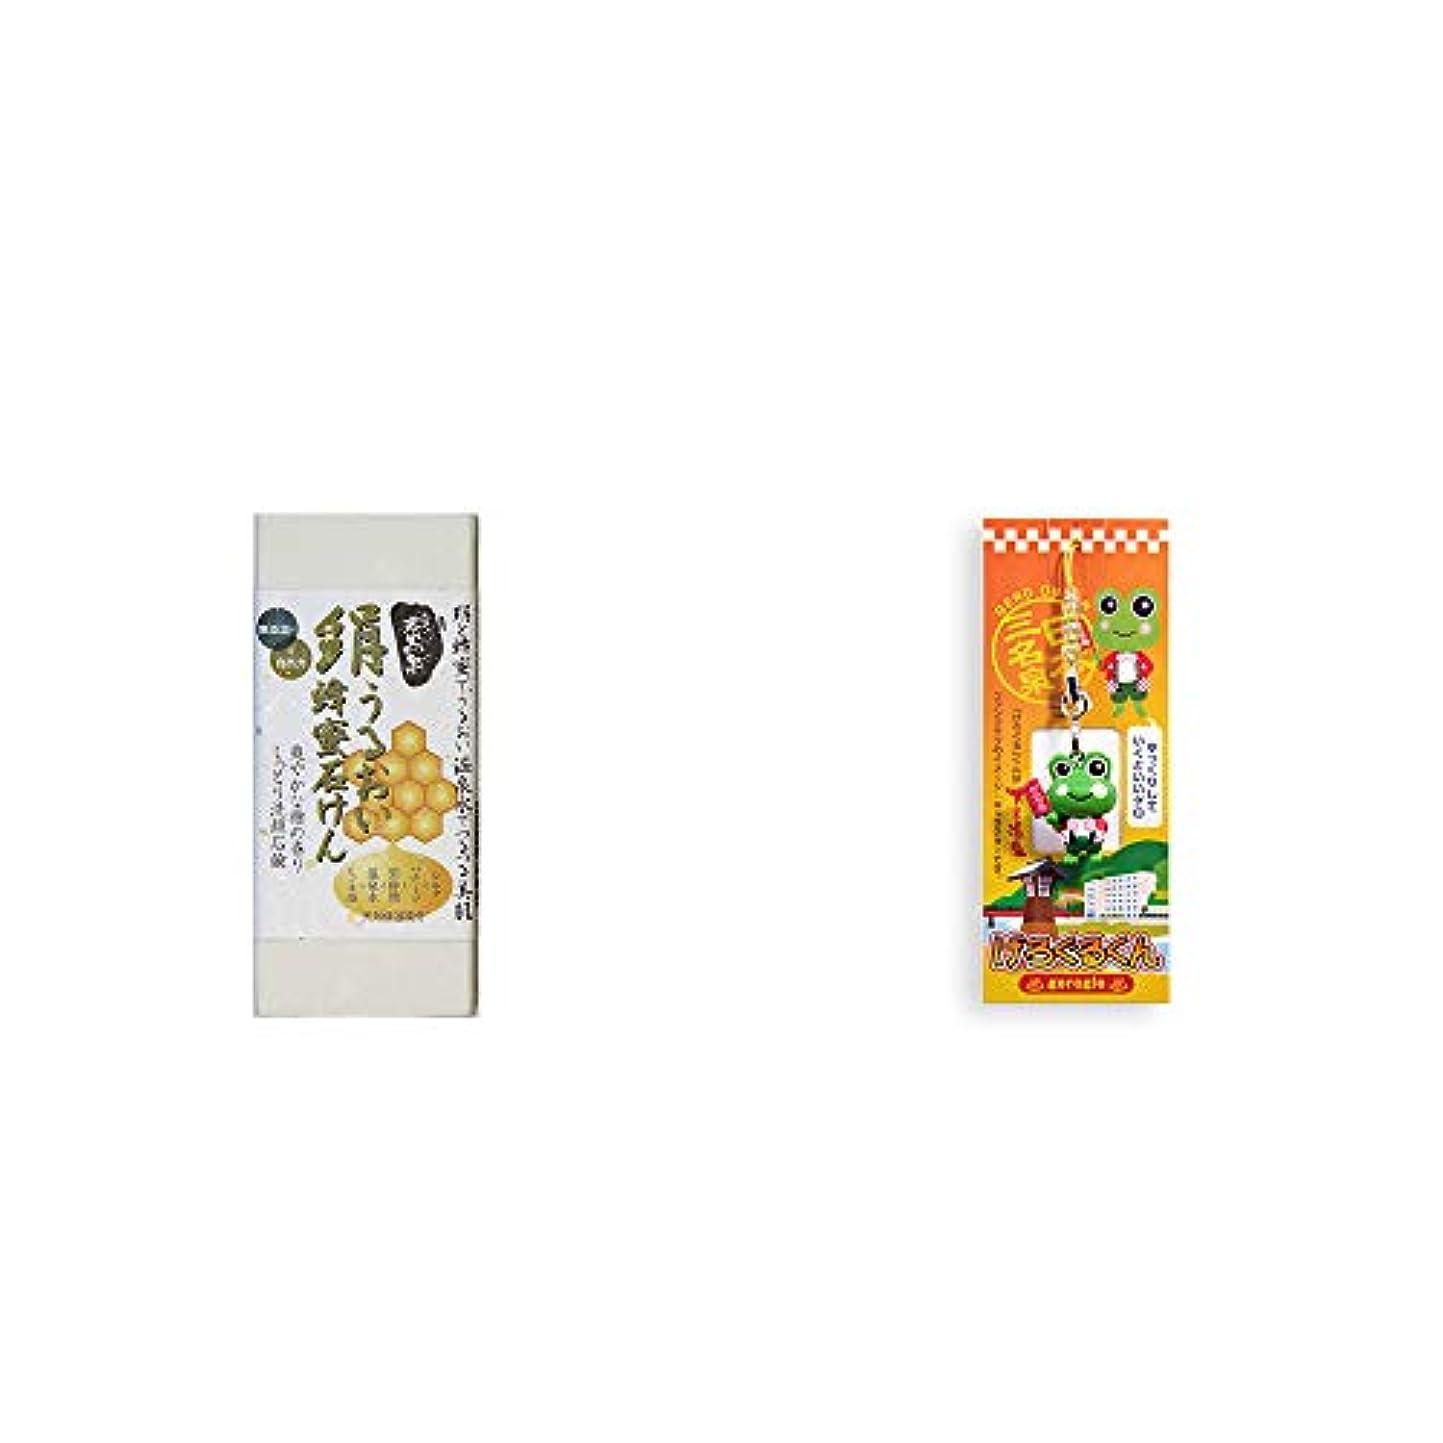 自分一債務[2点セット] ひのき炭黒泉 絹うるおい蜂蜜石けん(75g×2)?下呂温泉ファンクラブのイメージキャラクター げろぐるくんストラップ